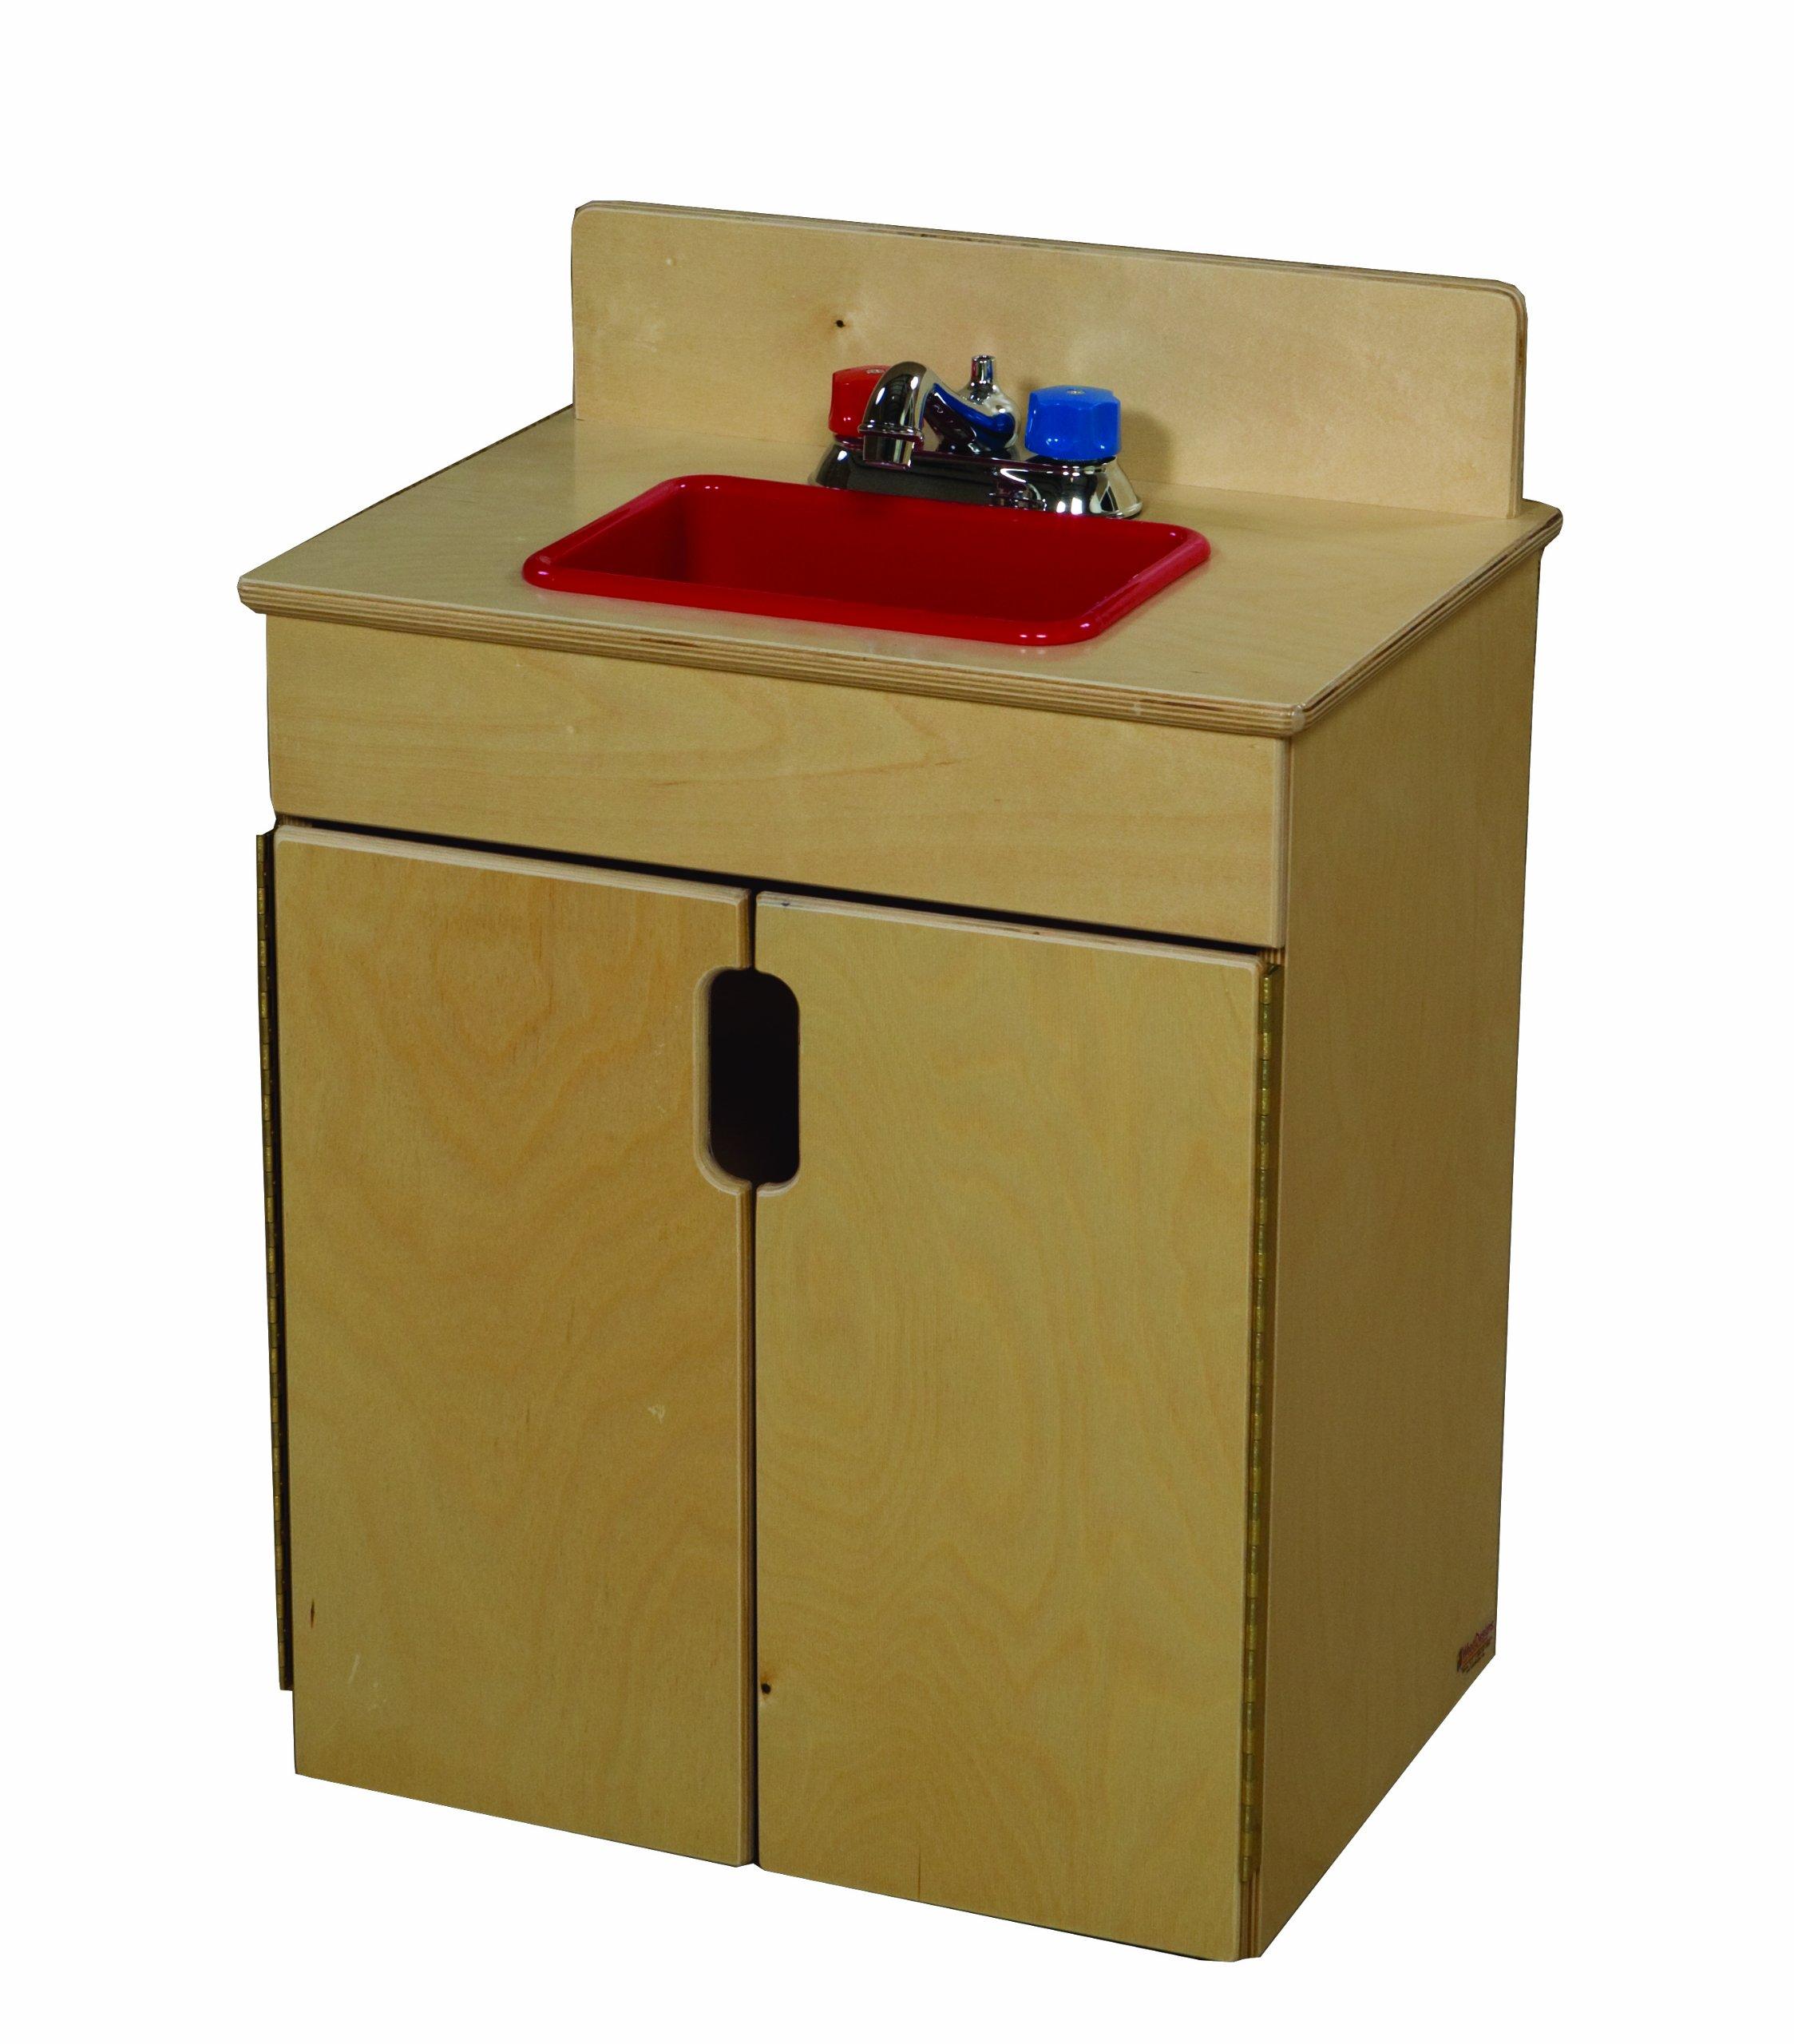 Wood Designs 10280 Tip-Me-Not Sink